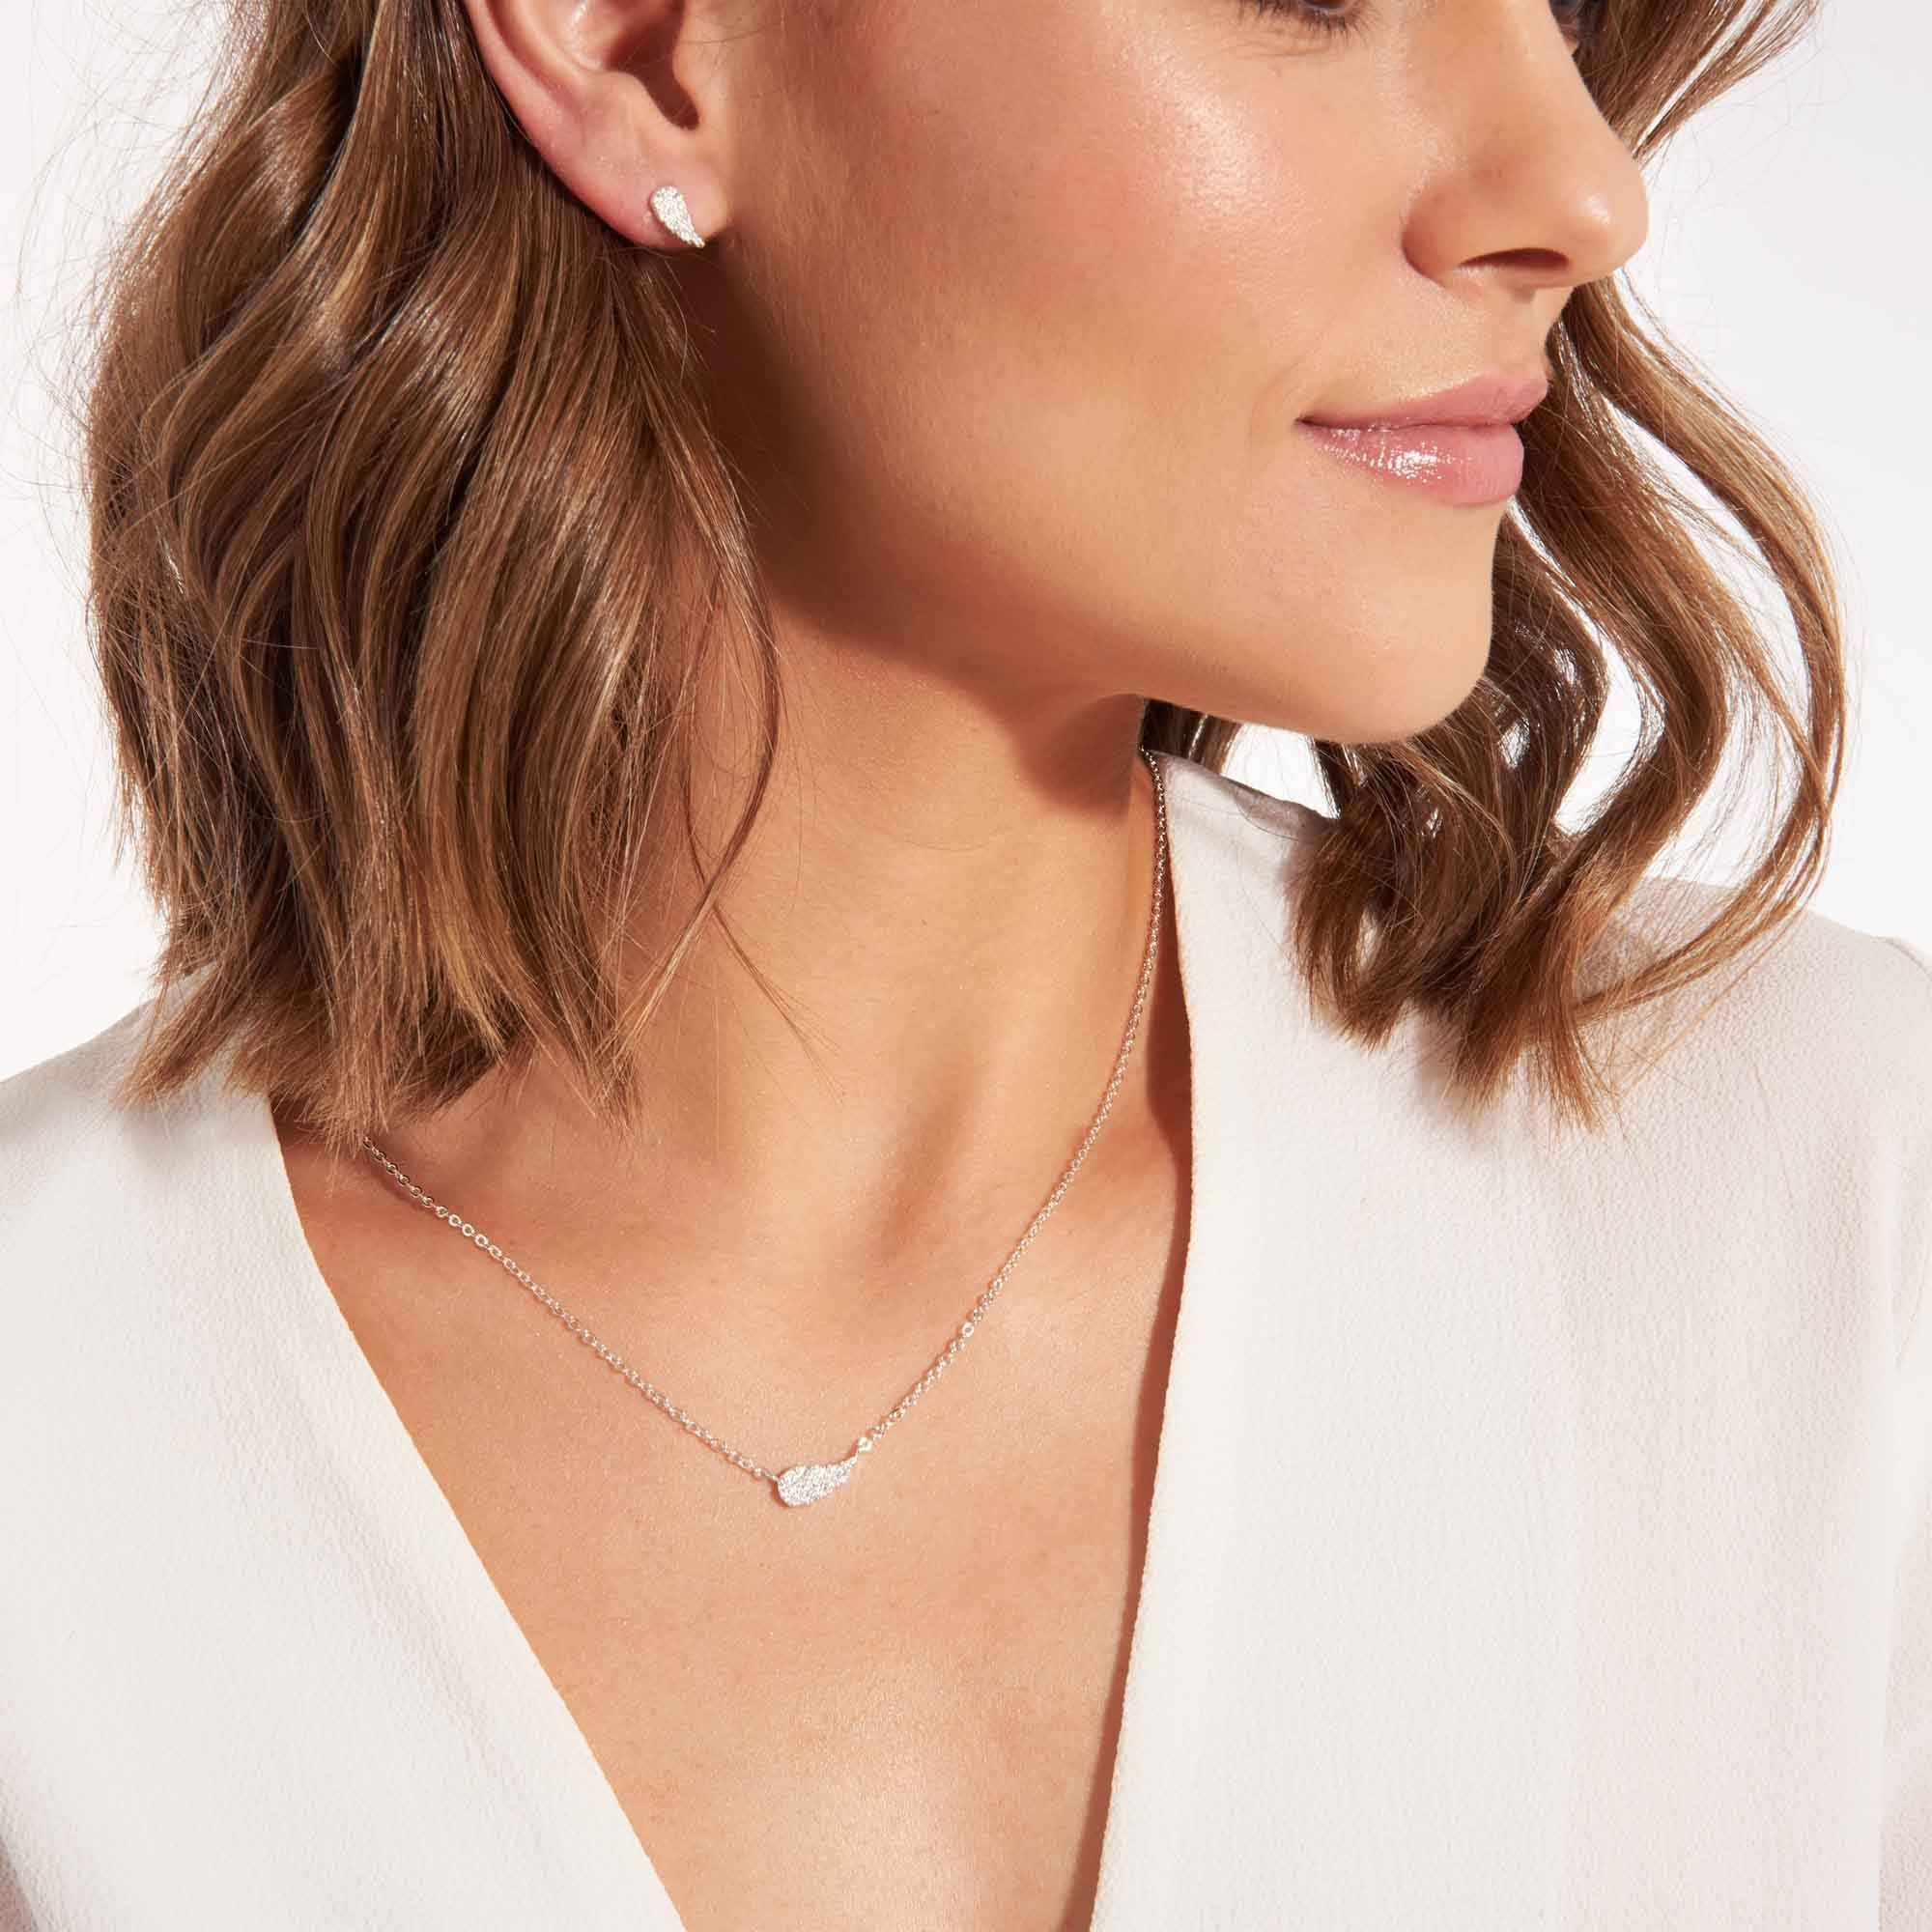 Joma Jewellery Juwelenset - Guardian Angel - Ketting & Oorbellen Zilver